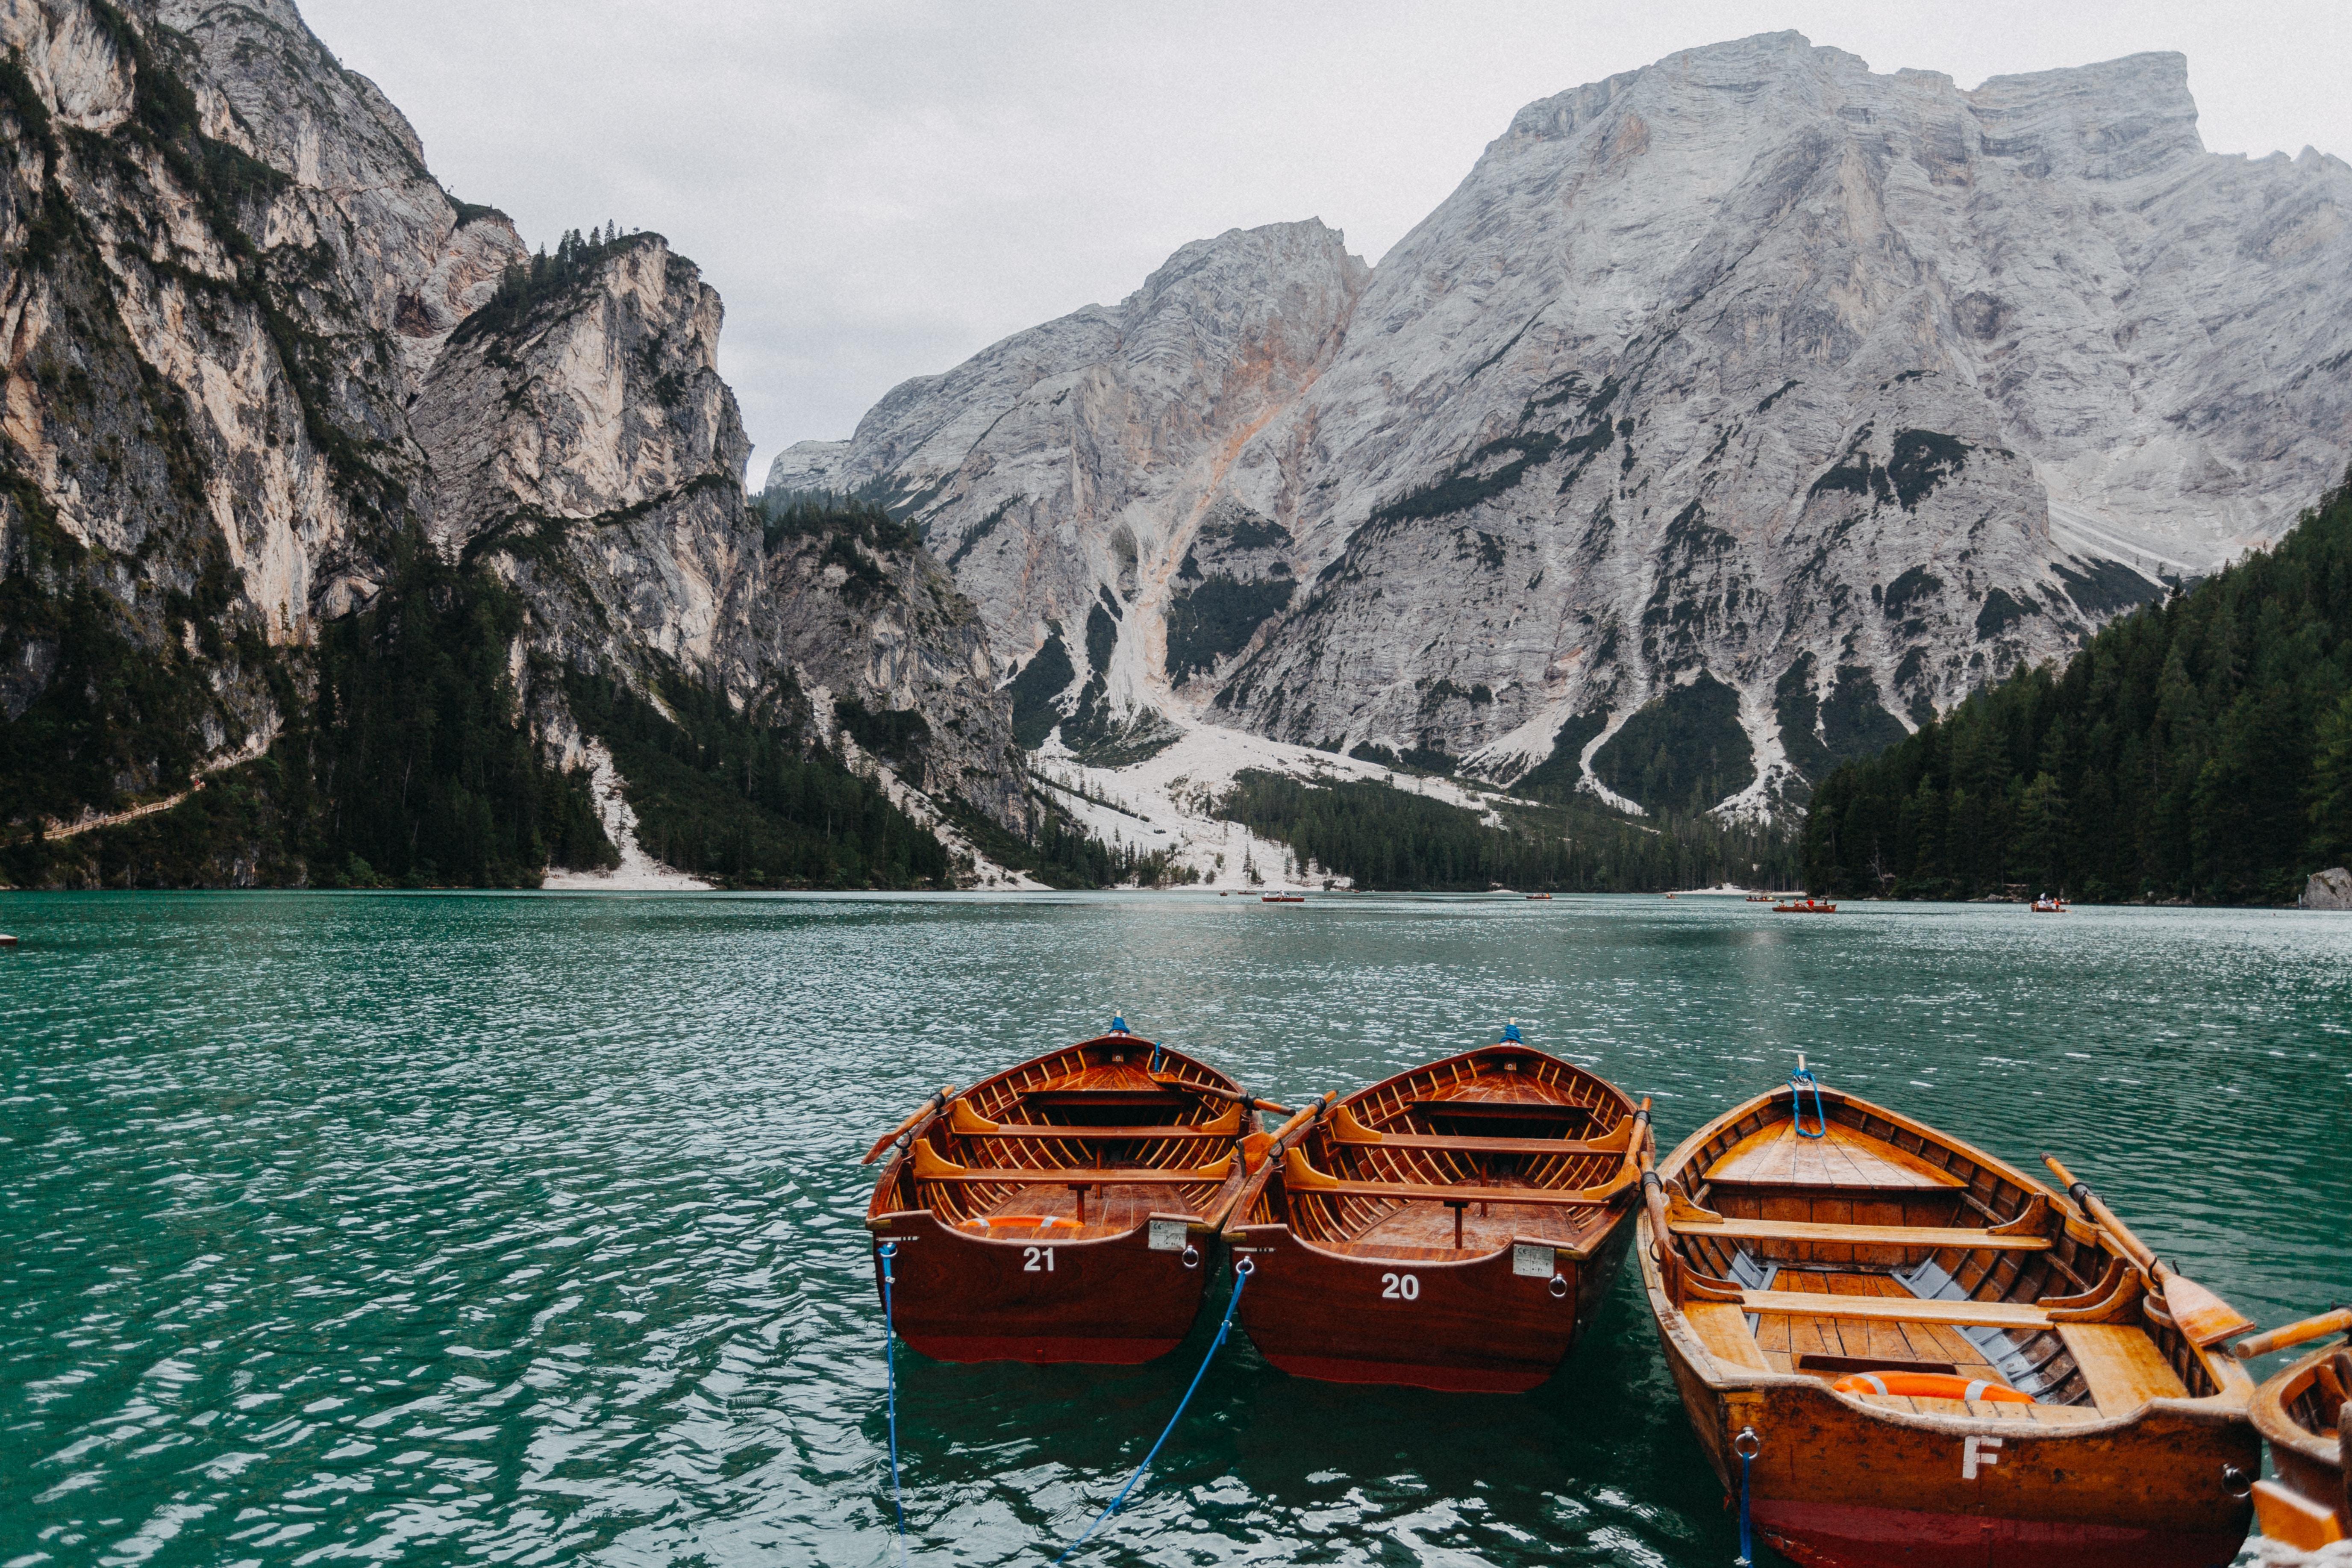 86190 papel de parede 2160x3840 em seu telefone gratuitamente, baixe imagens Natureza, Montanhas, Barcos, Lago 2160x3840 em seu celular